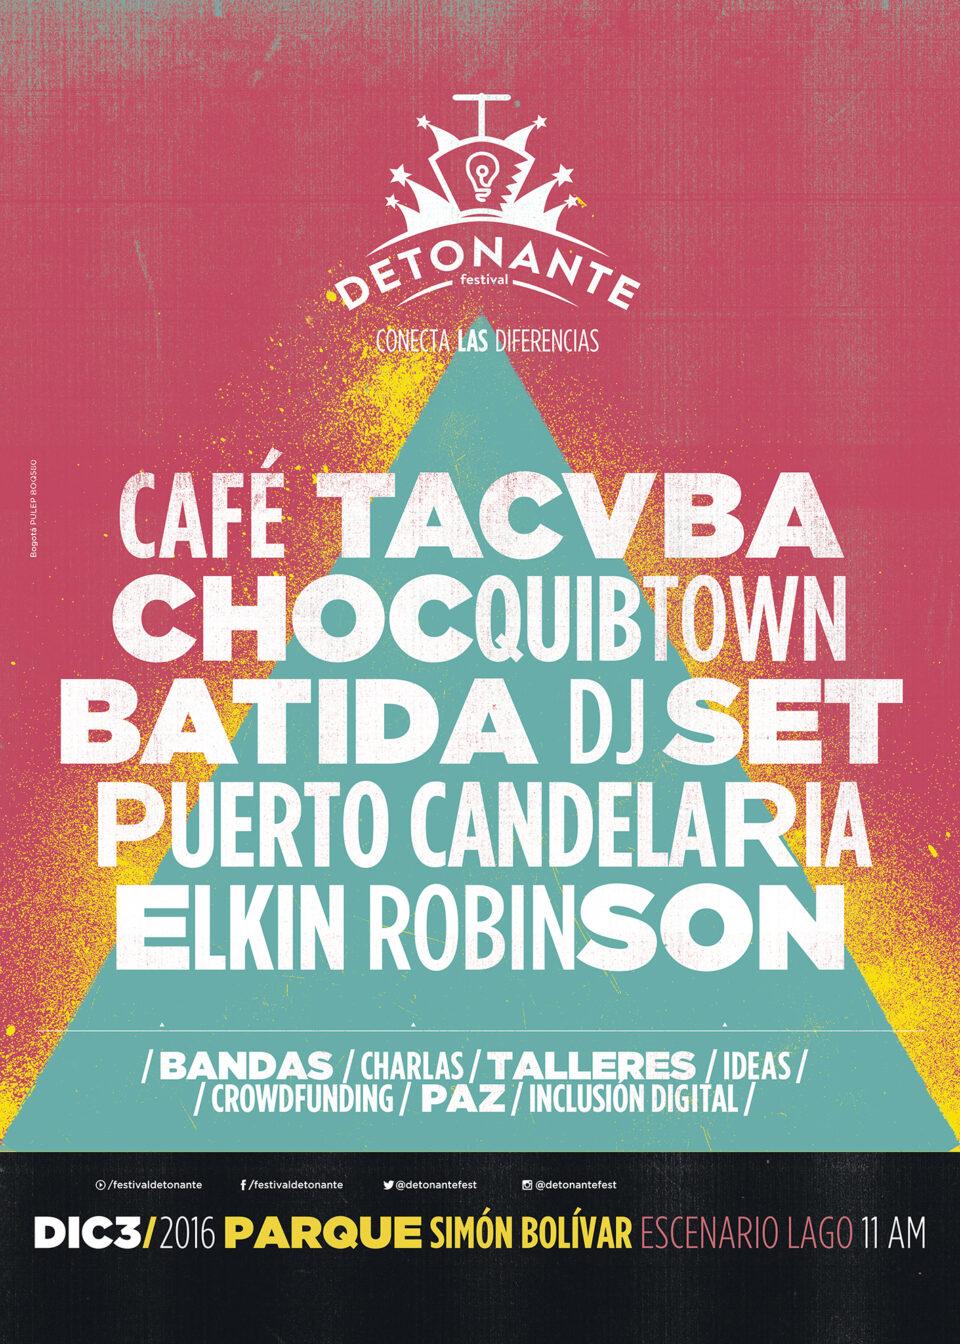 Este es el cartel del Festival Detonante en Bogotá. Foto: Oficial